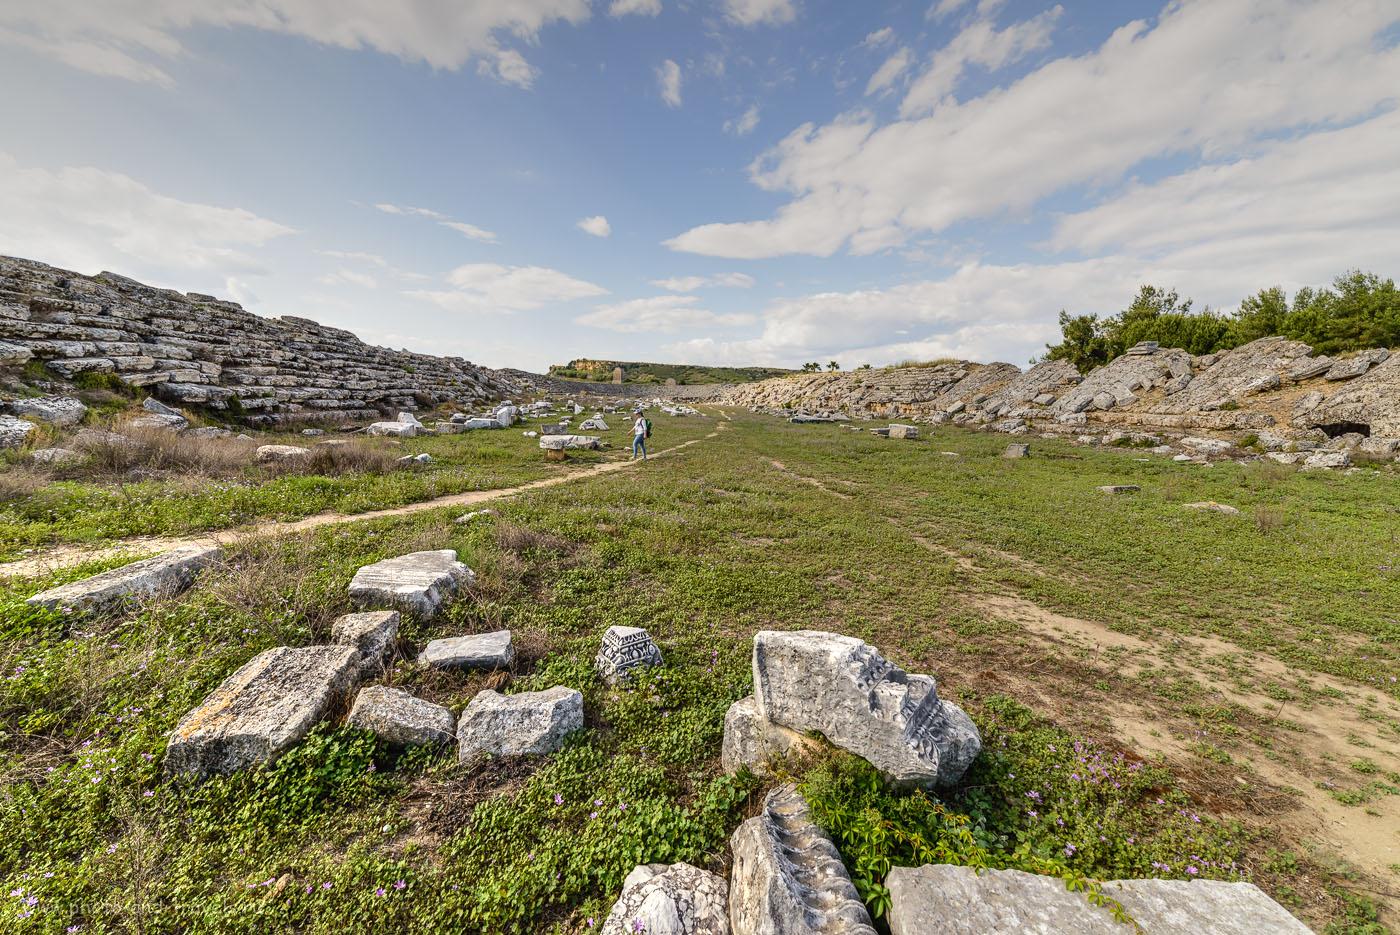 Фото 25. Представьте, как пару тысяч лет назад над этим полем взлетал рёв болельщиков. Остатки стадиона в древнем городе Перге, что расположен недалеко от Анталии. 14 мм, тонмаппинг.